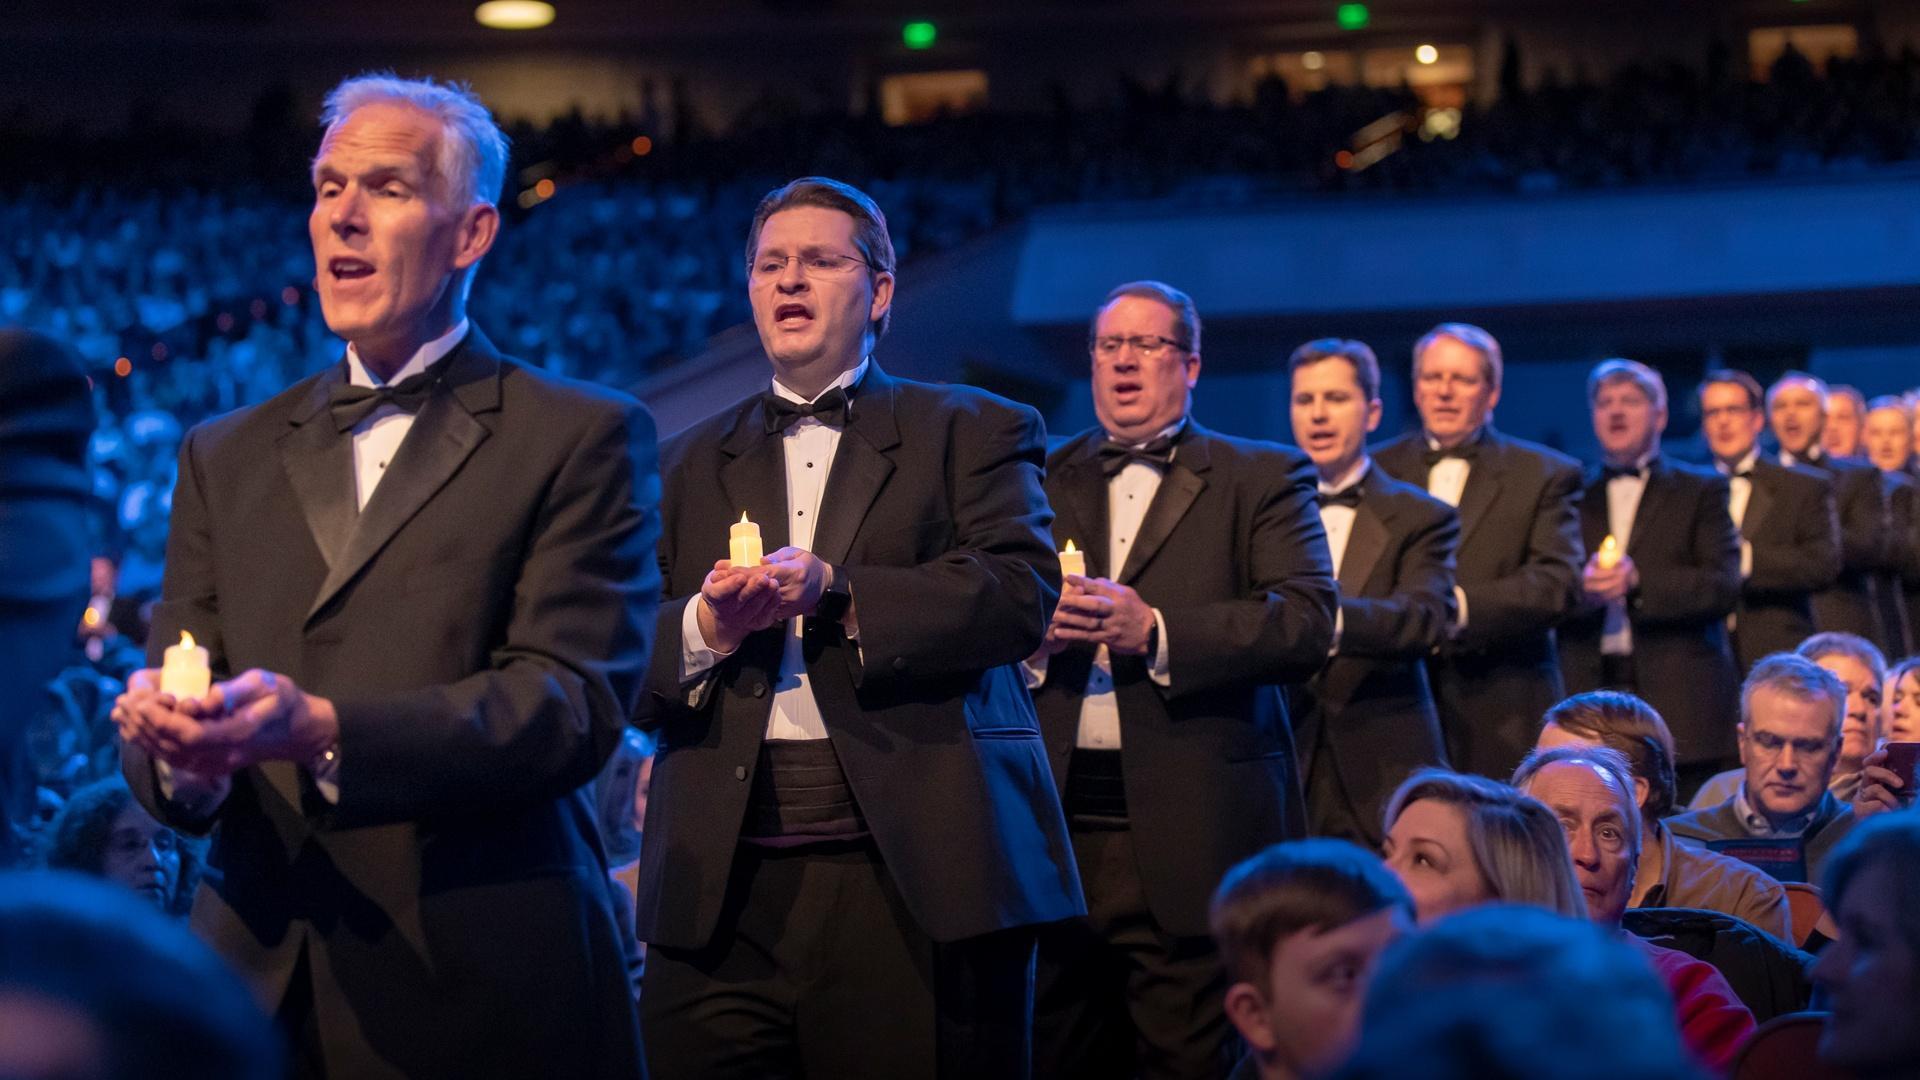 Male members of The Tabernacle Choir singing.